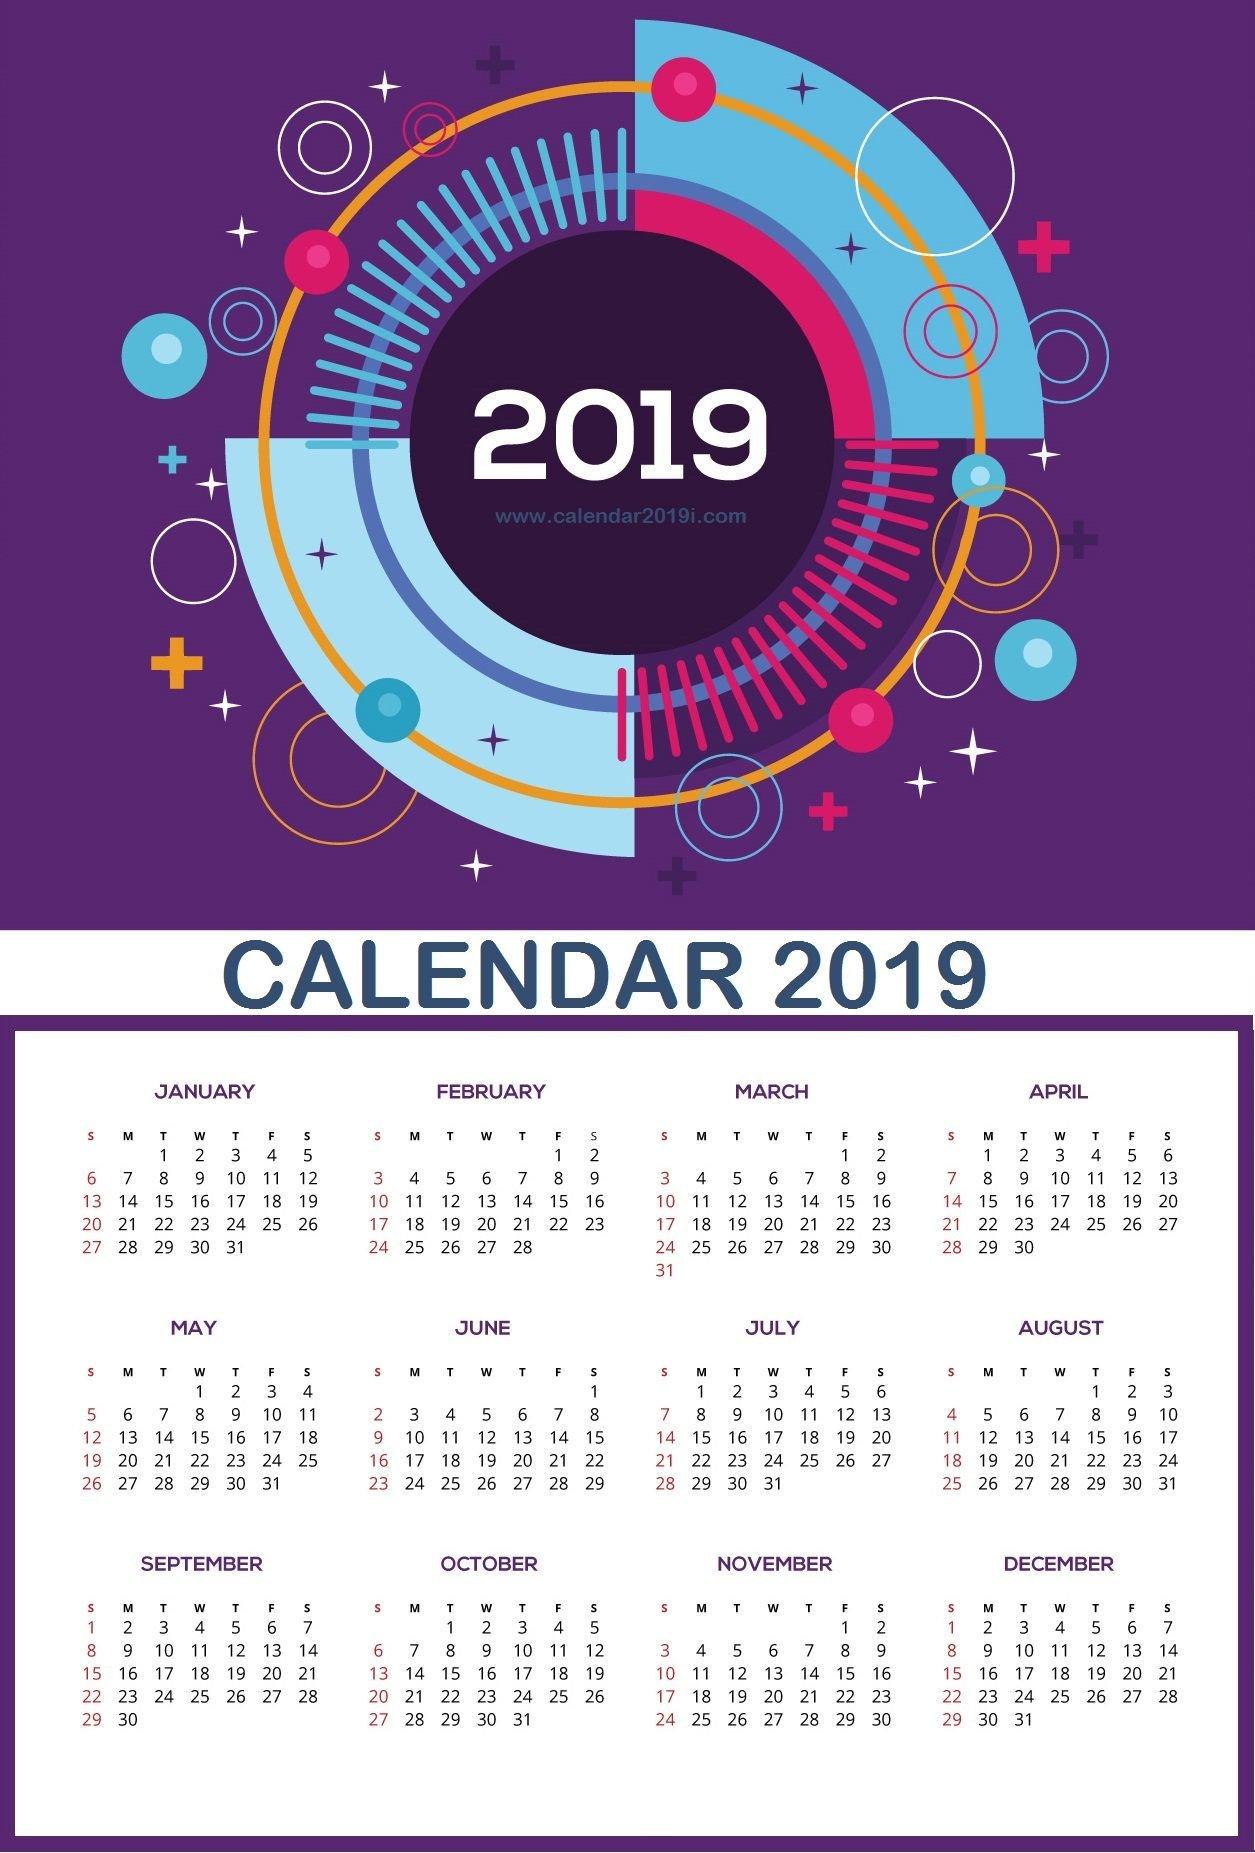 Large Wall Calendar 2019 | Planner | Wall Calendar Design, Monthly Calendar 2019 For Wall